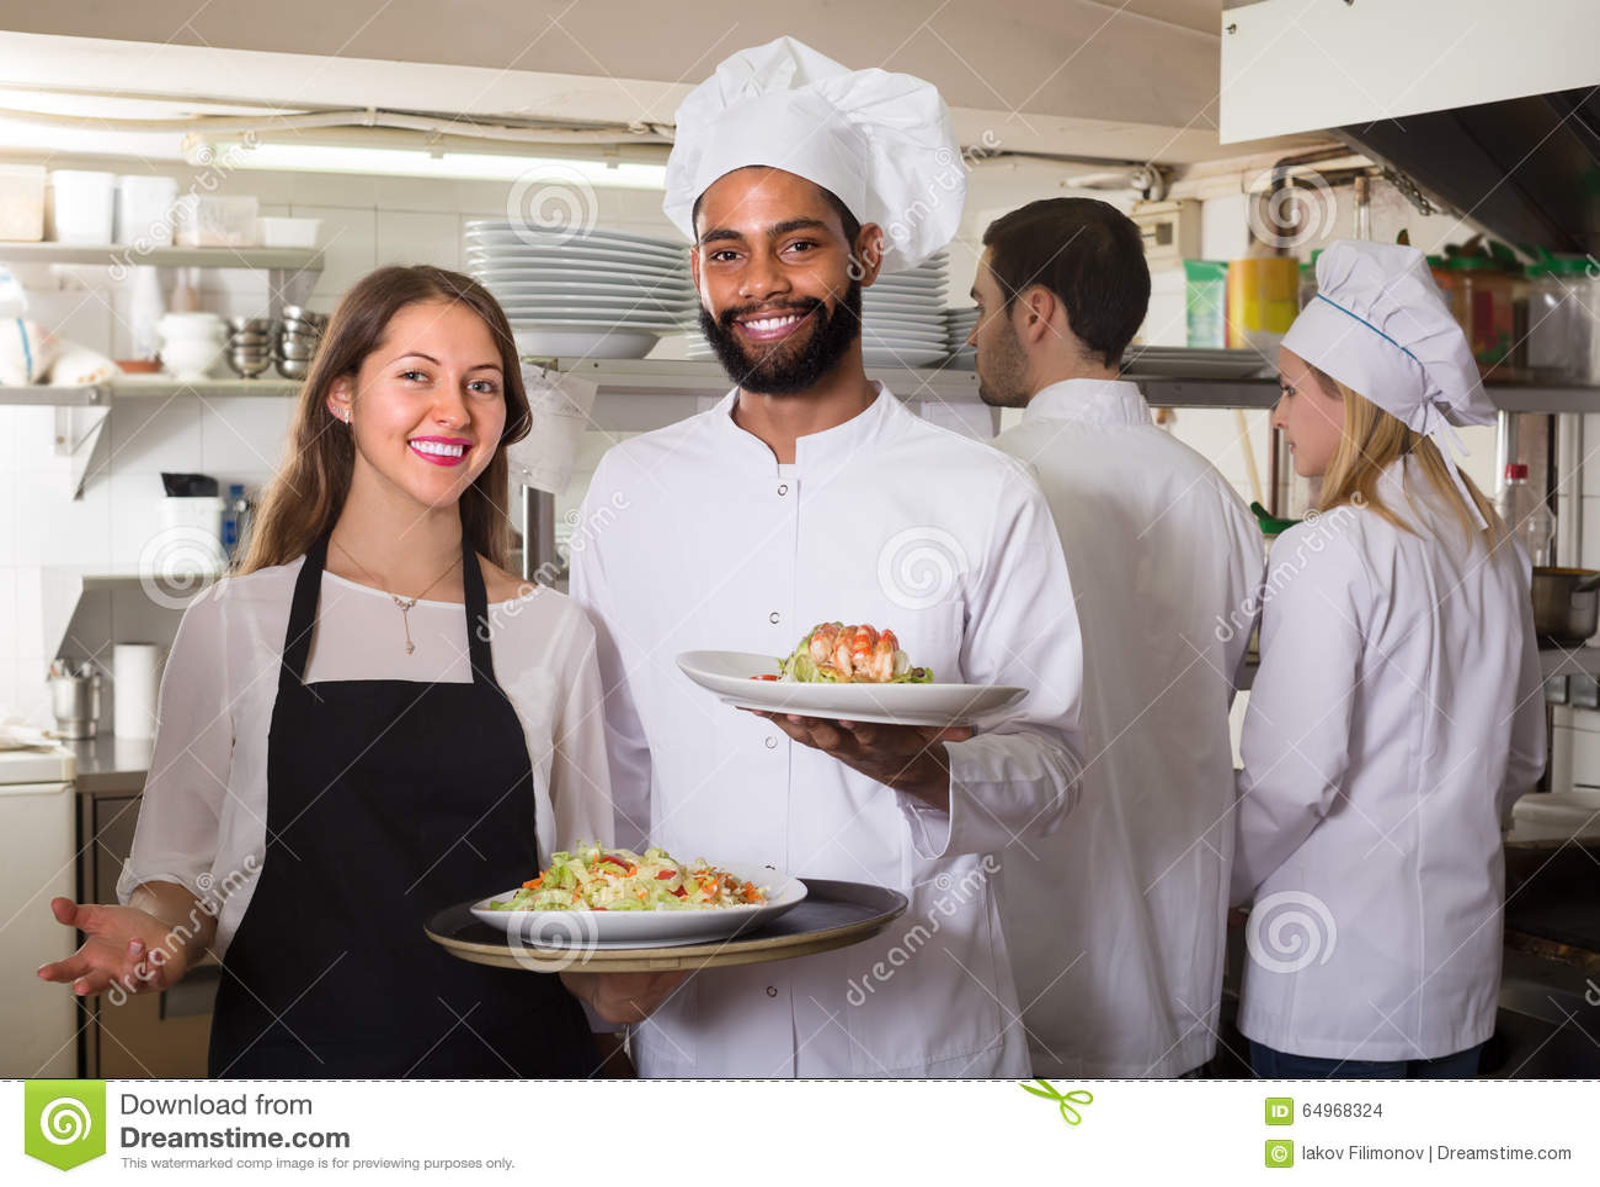 专家女服务员和乘员组在餐馆烹调摆在